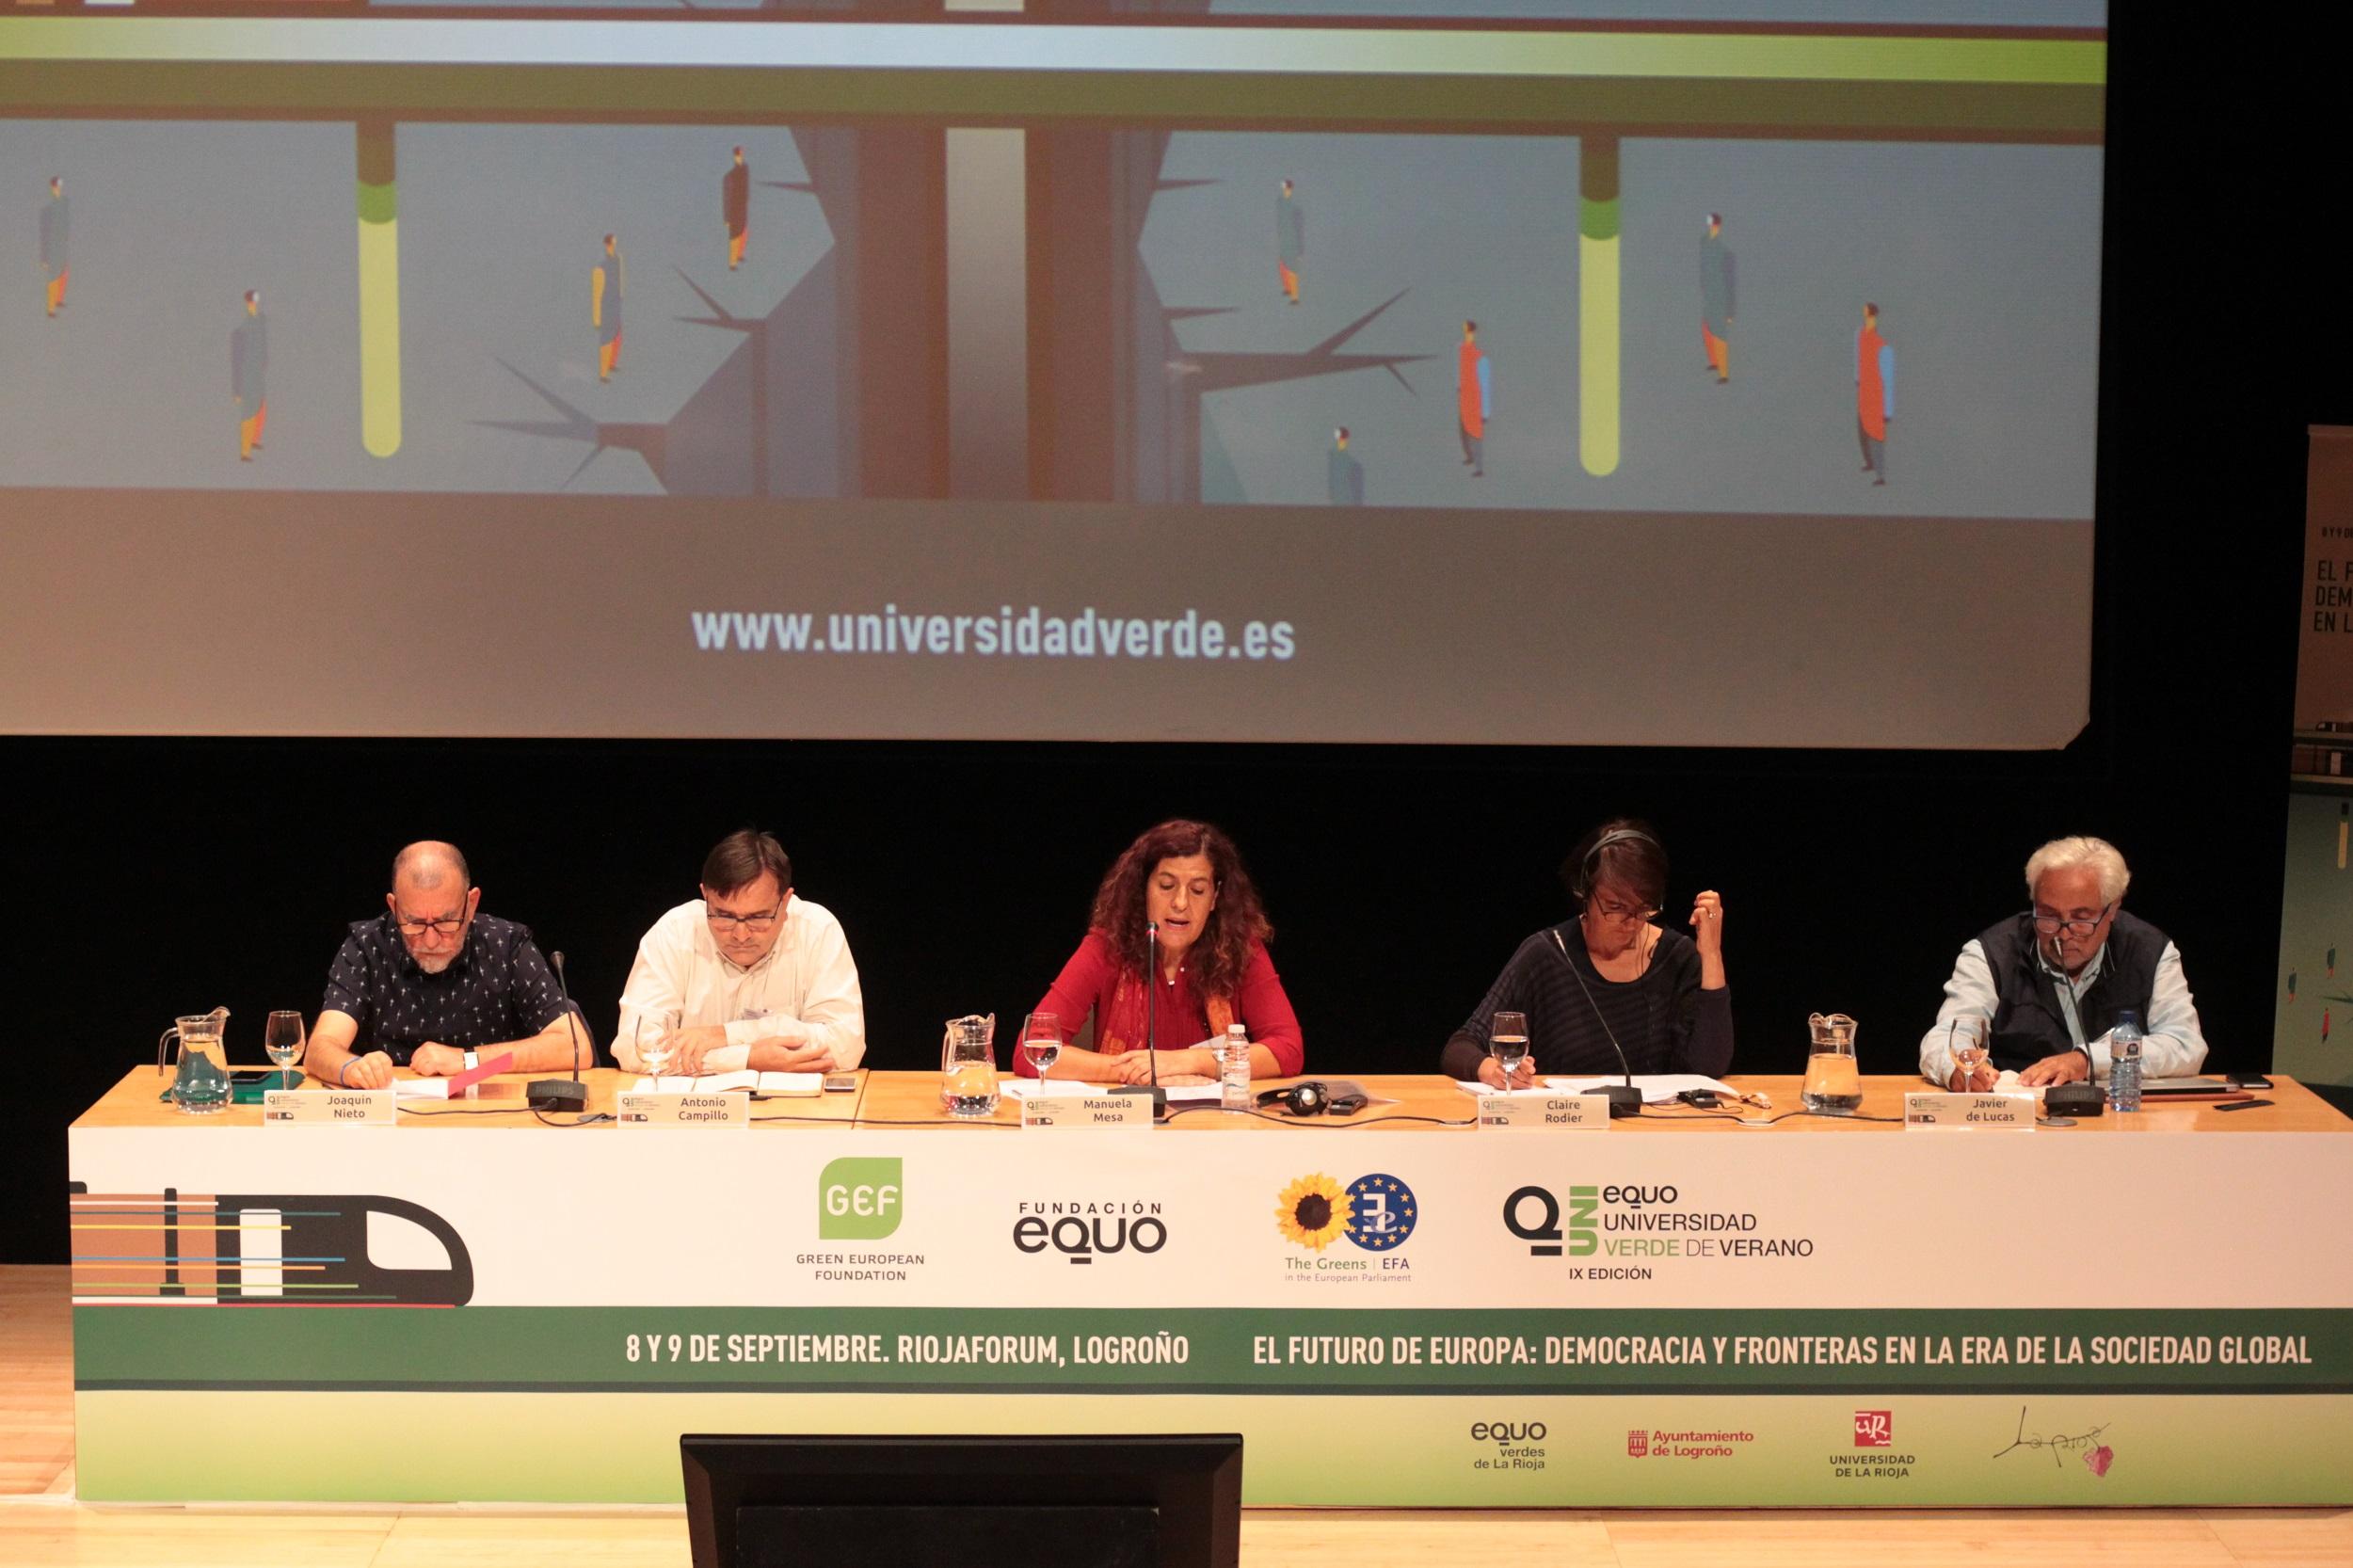 La Universidad Verde clausura con una reflexión sobre la necesidad de tejer alianzas para hacer frente a la crisis del proyecto europeo